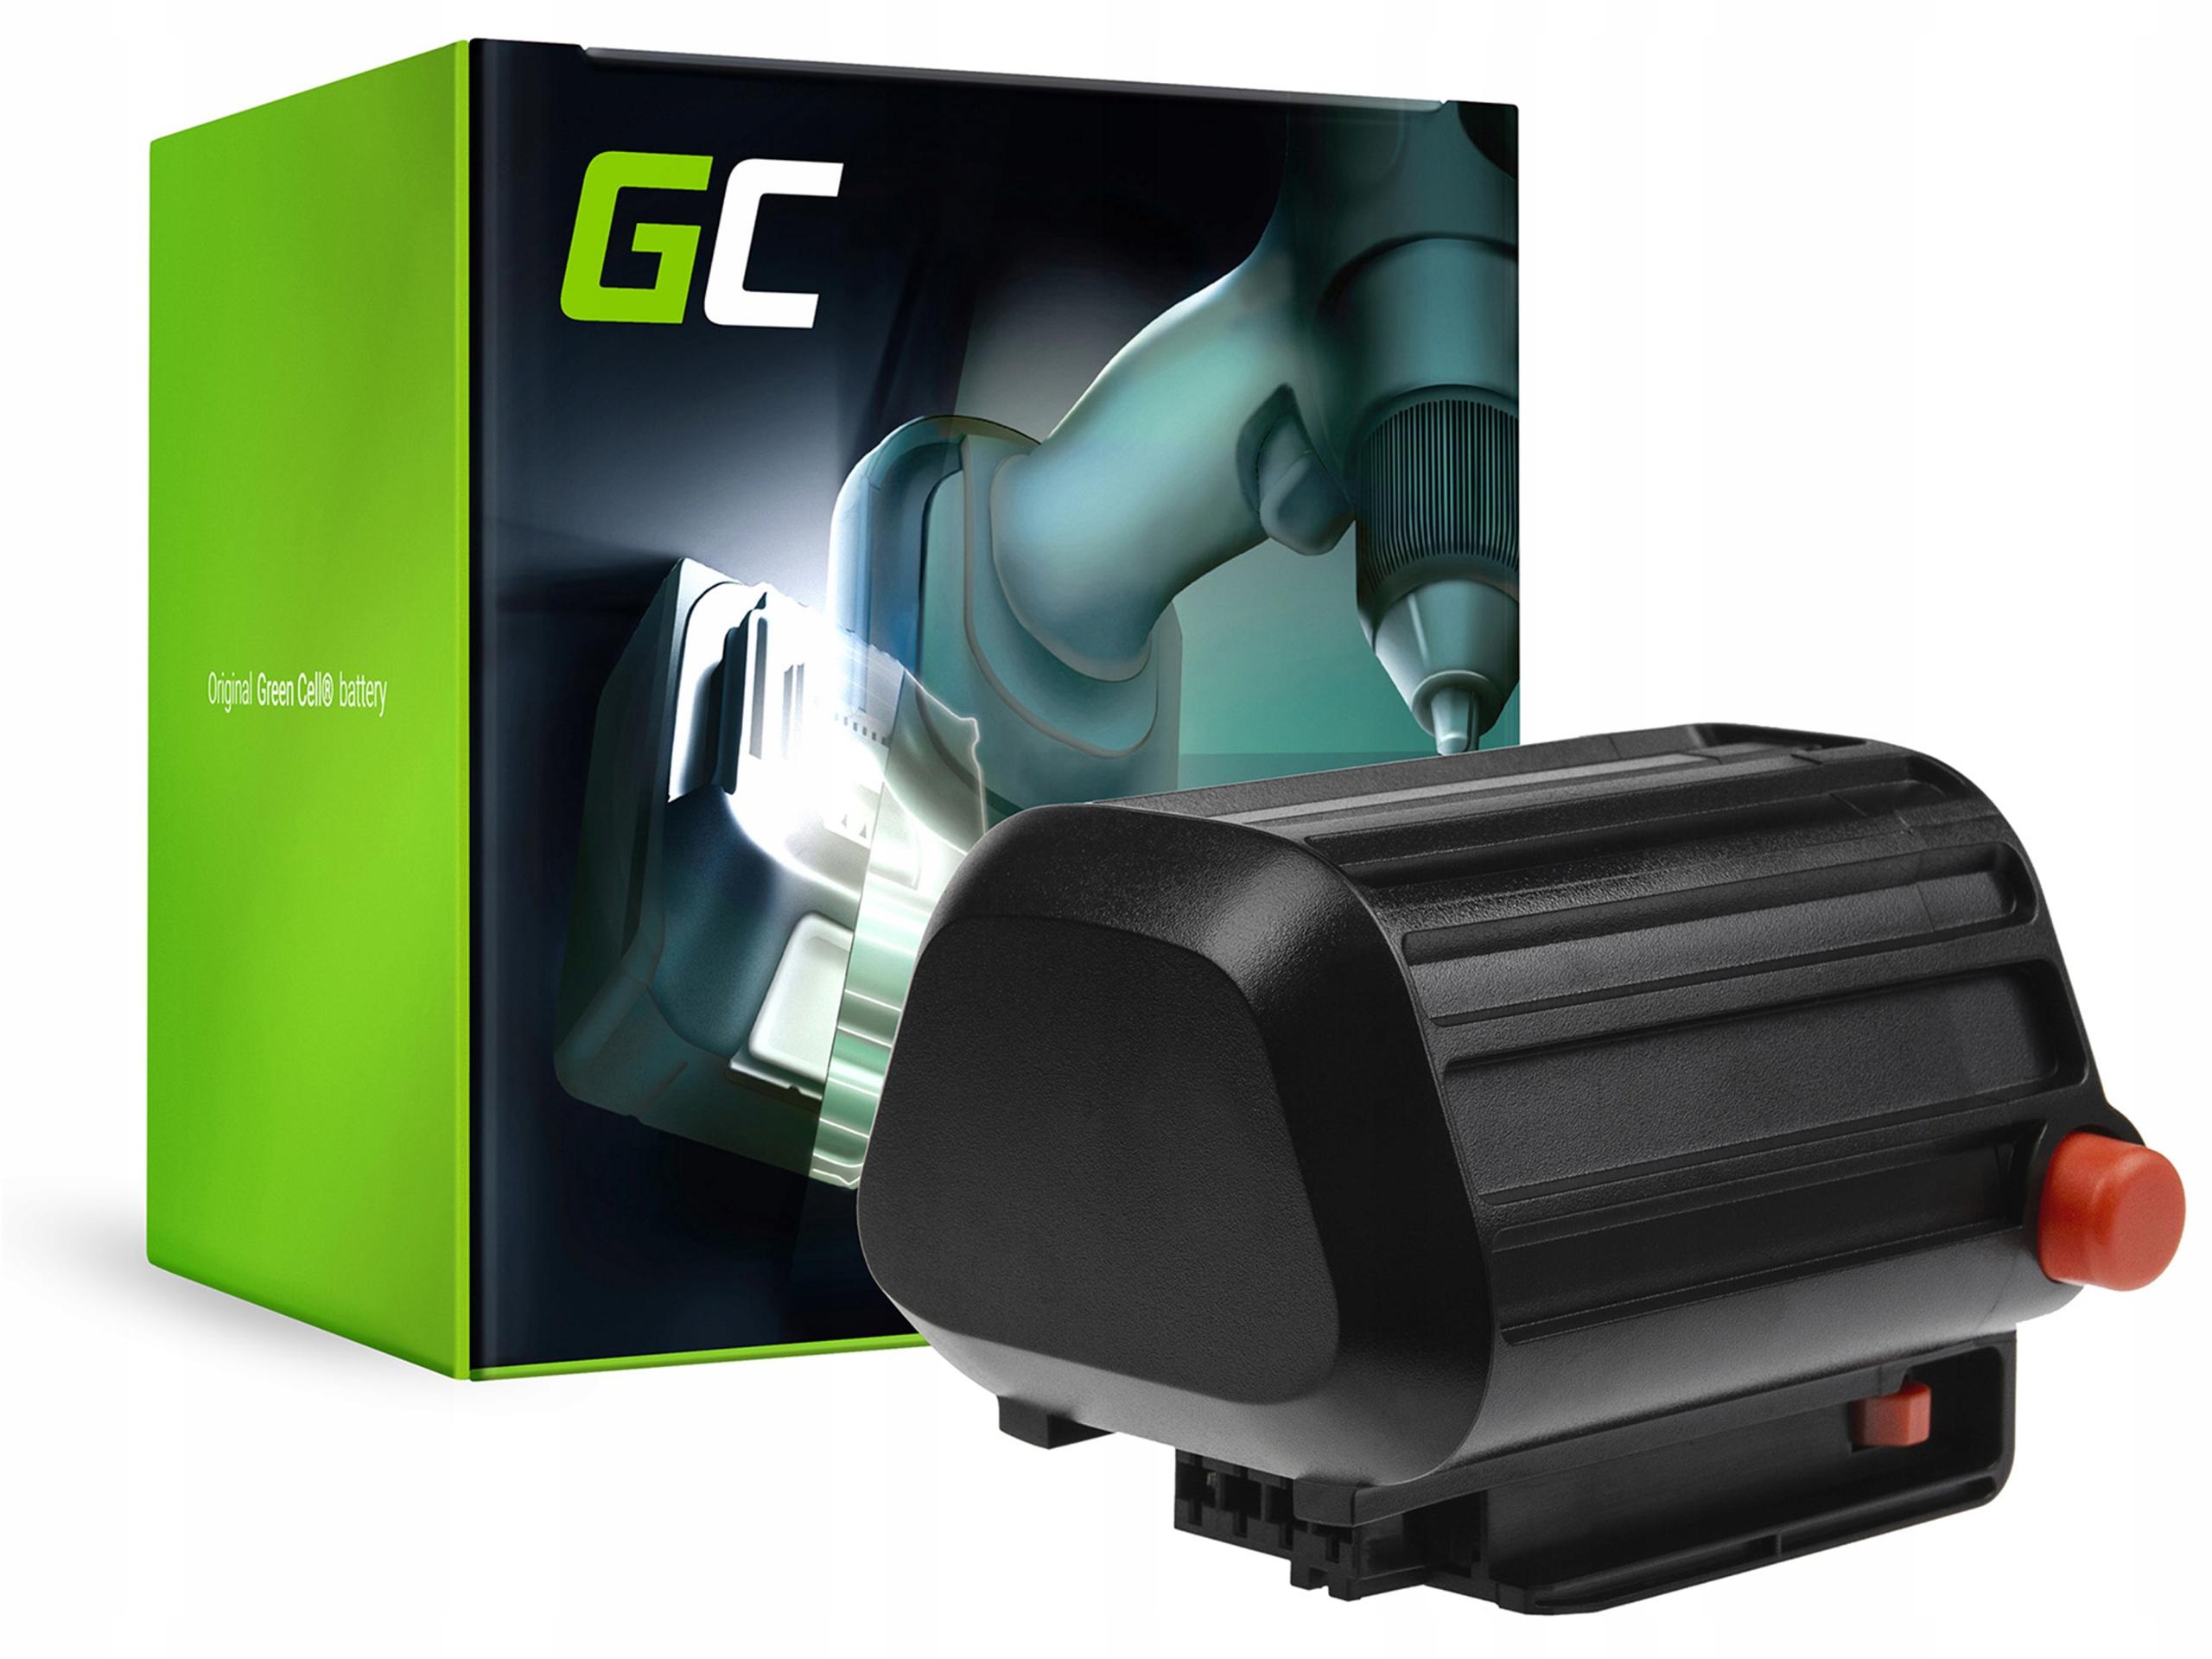 Batéria 9839 9840 BLi-18 Gardena